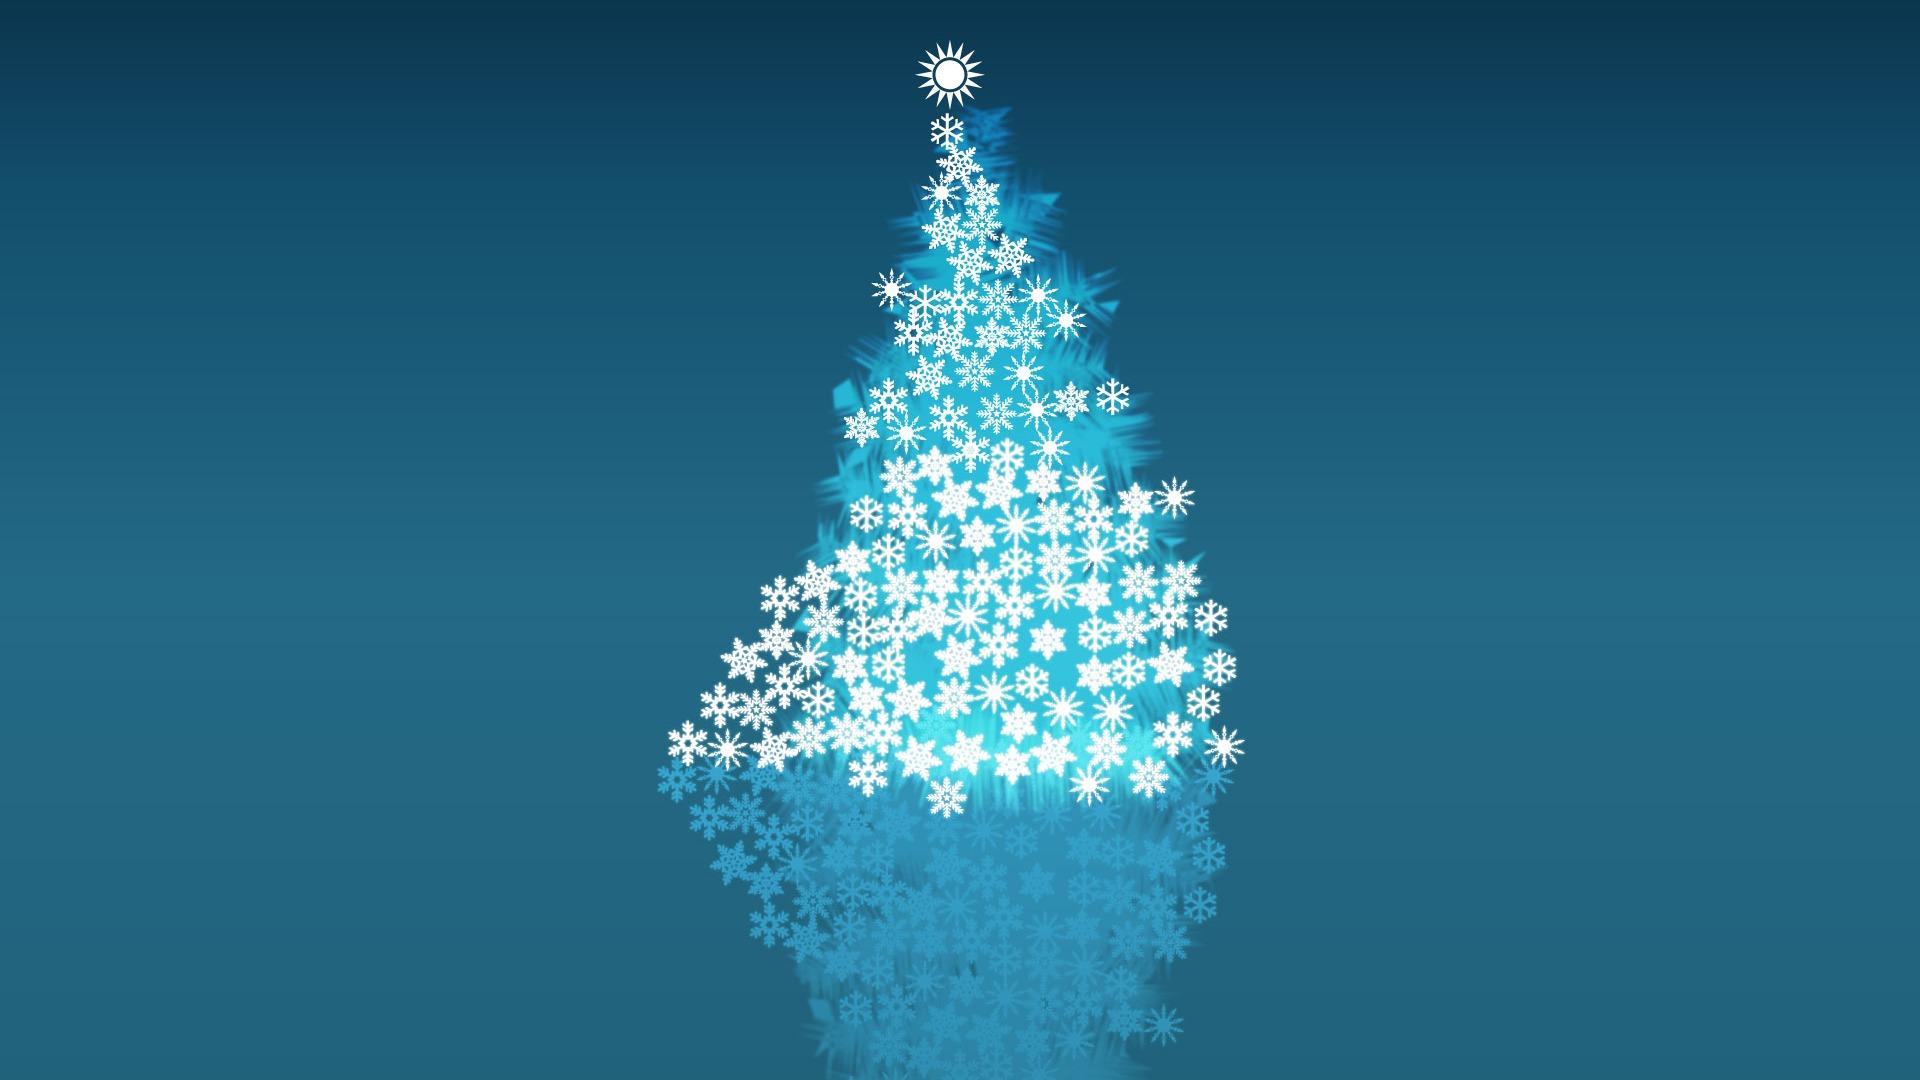 ... de Navidad Fondos de pantalla de alta definición (8) #13 - 1920x1080